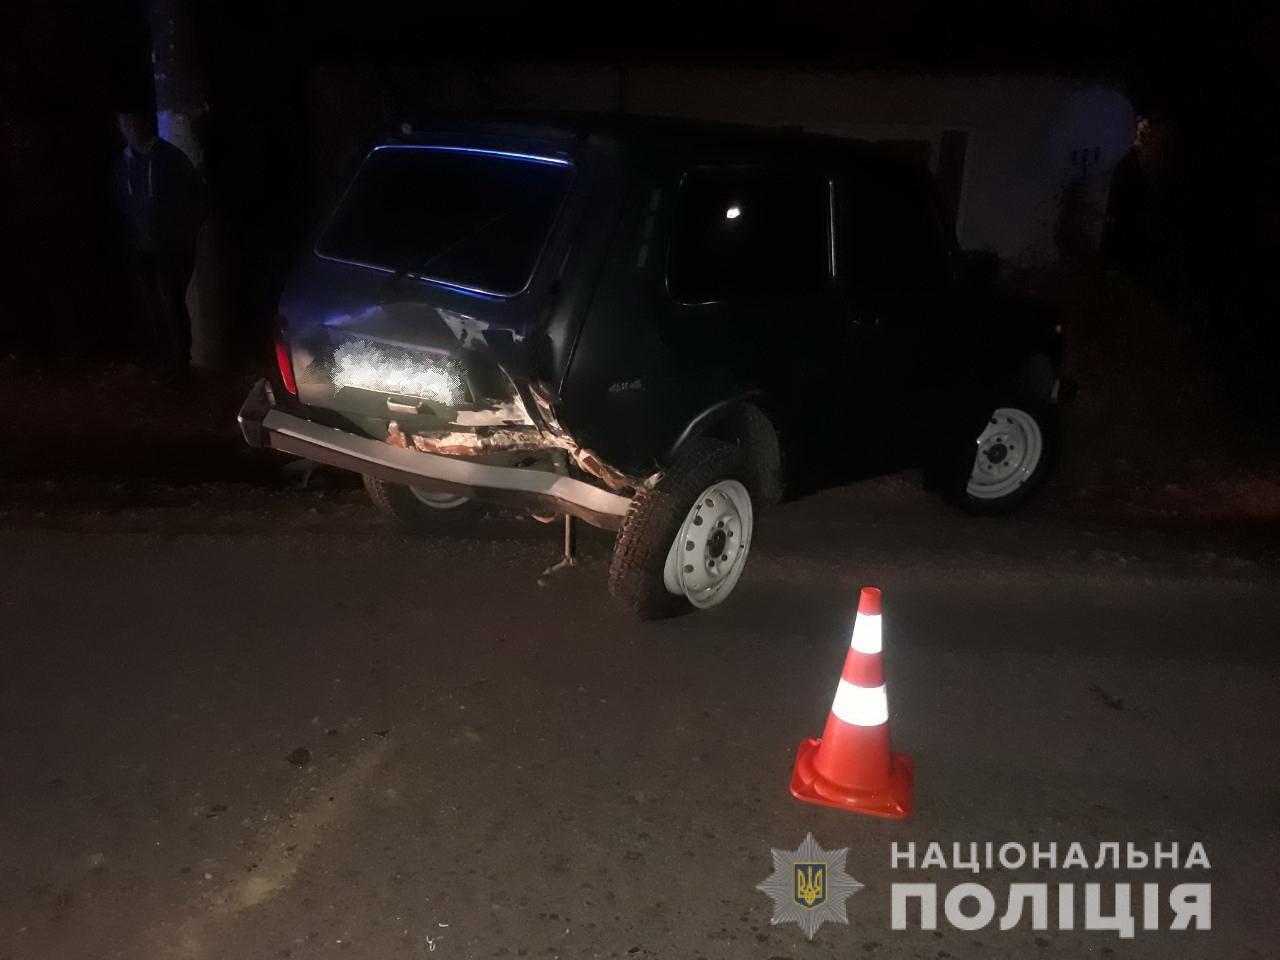 Вчора ввечері у селі Сімер Перечинського району зіткнулися дві машини – Нива і Оpеl